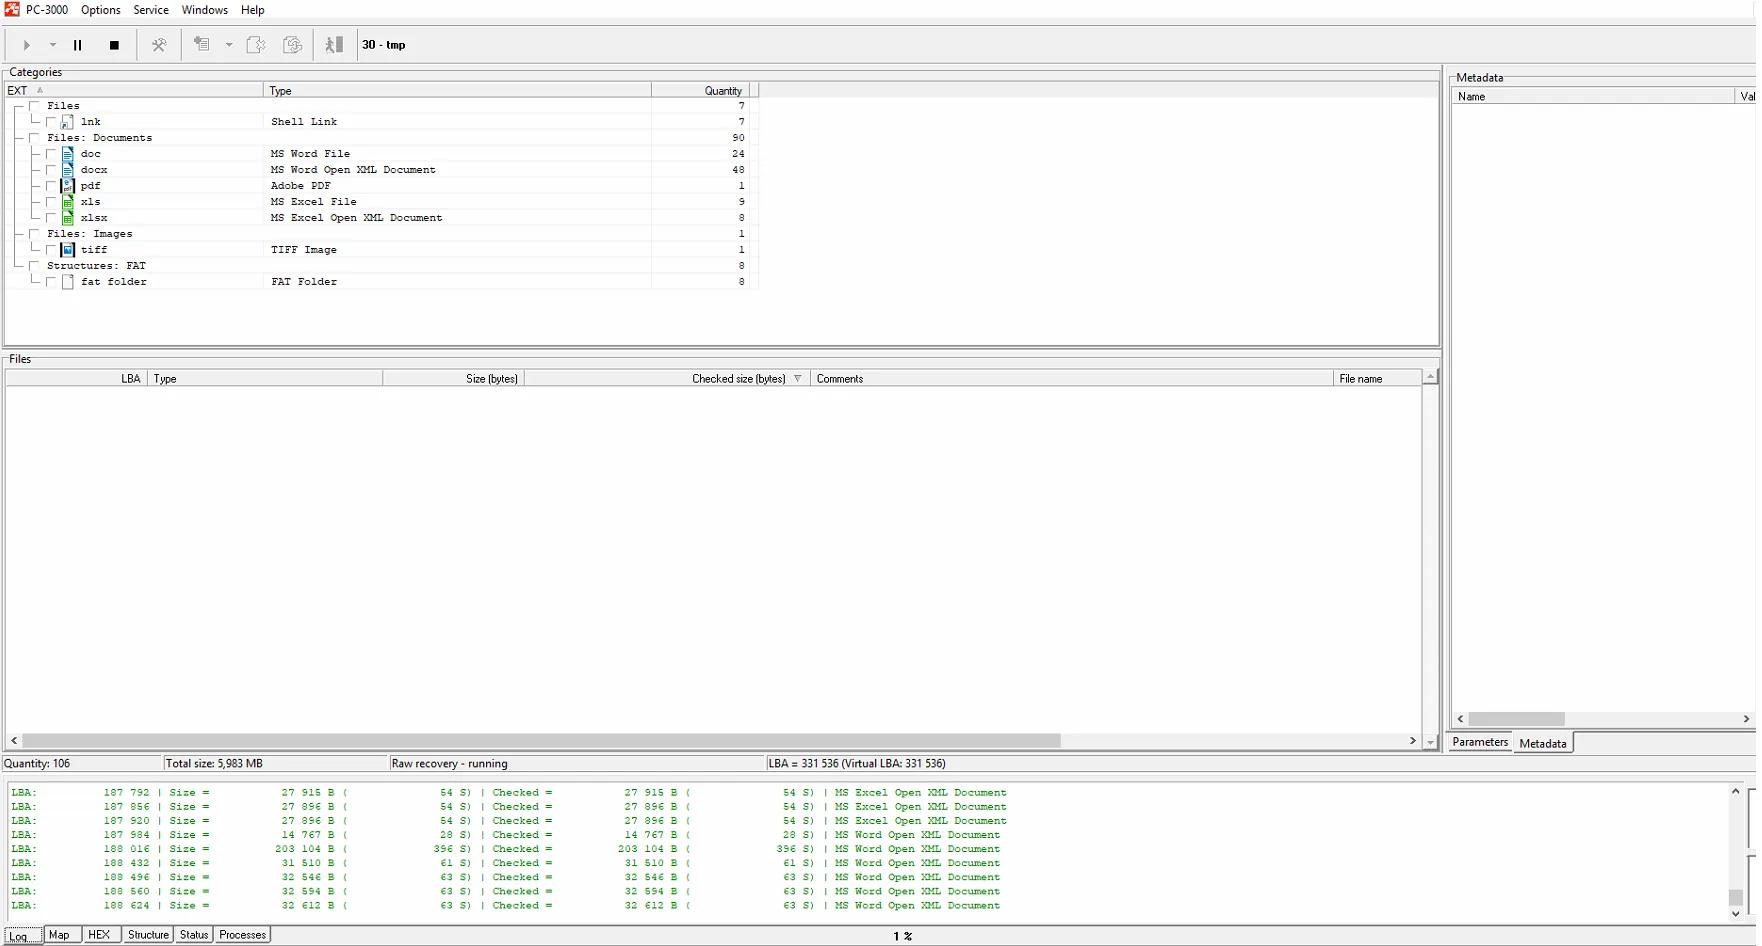 PC3000 Flash从基于FC1178-FC1179主控芯片的U盘中恢复数据的6个步骤